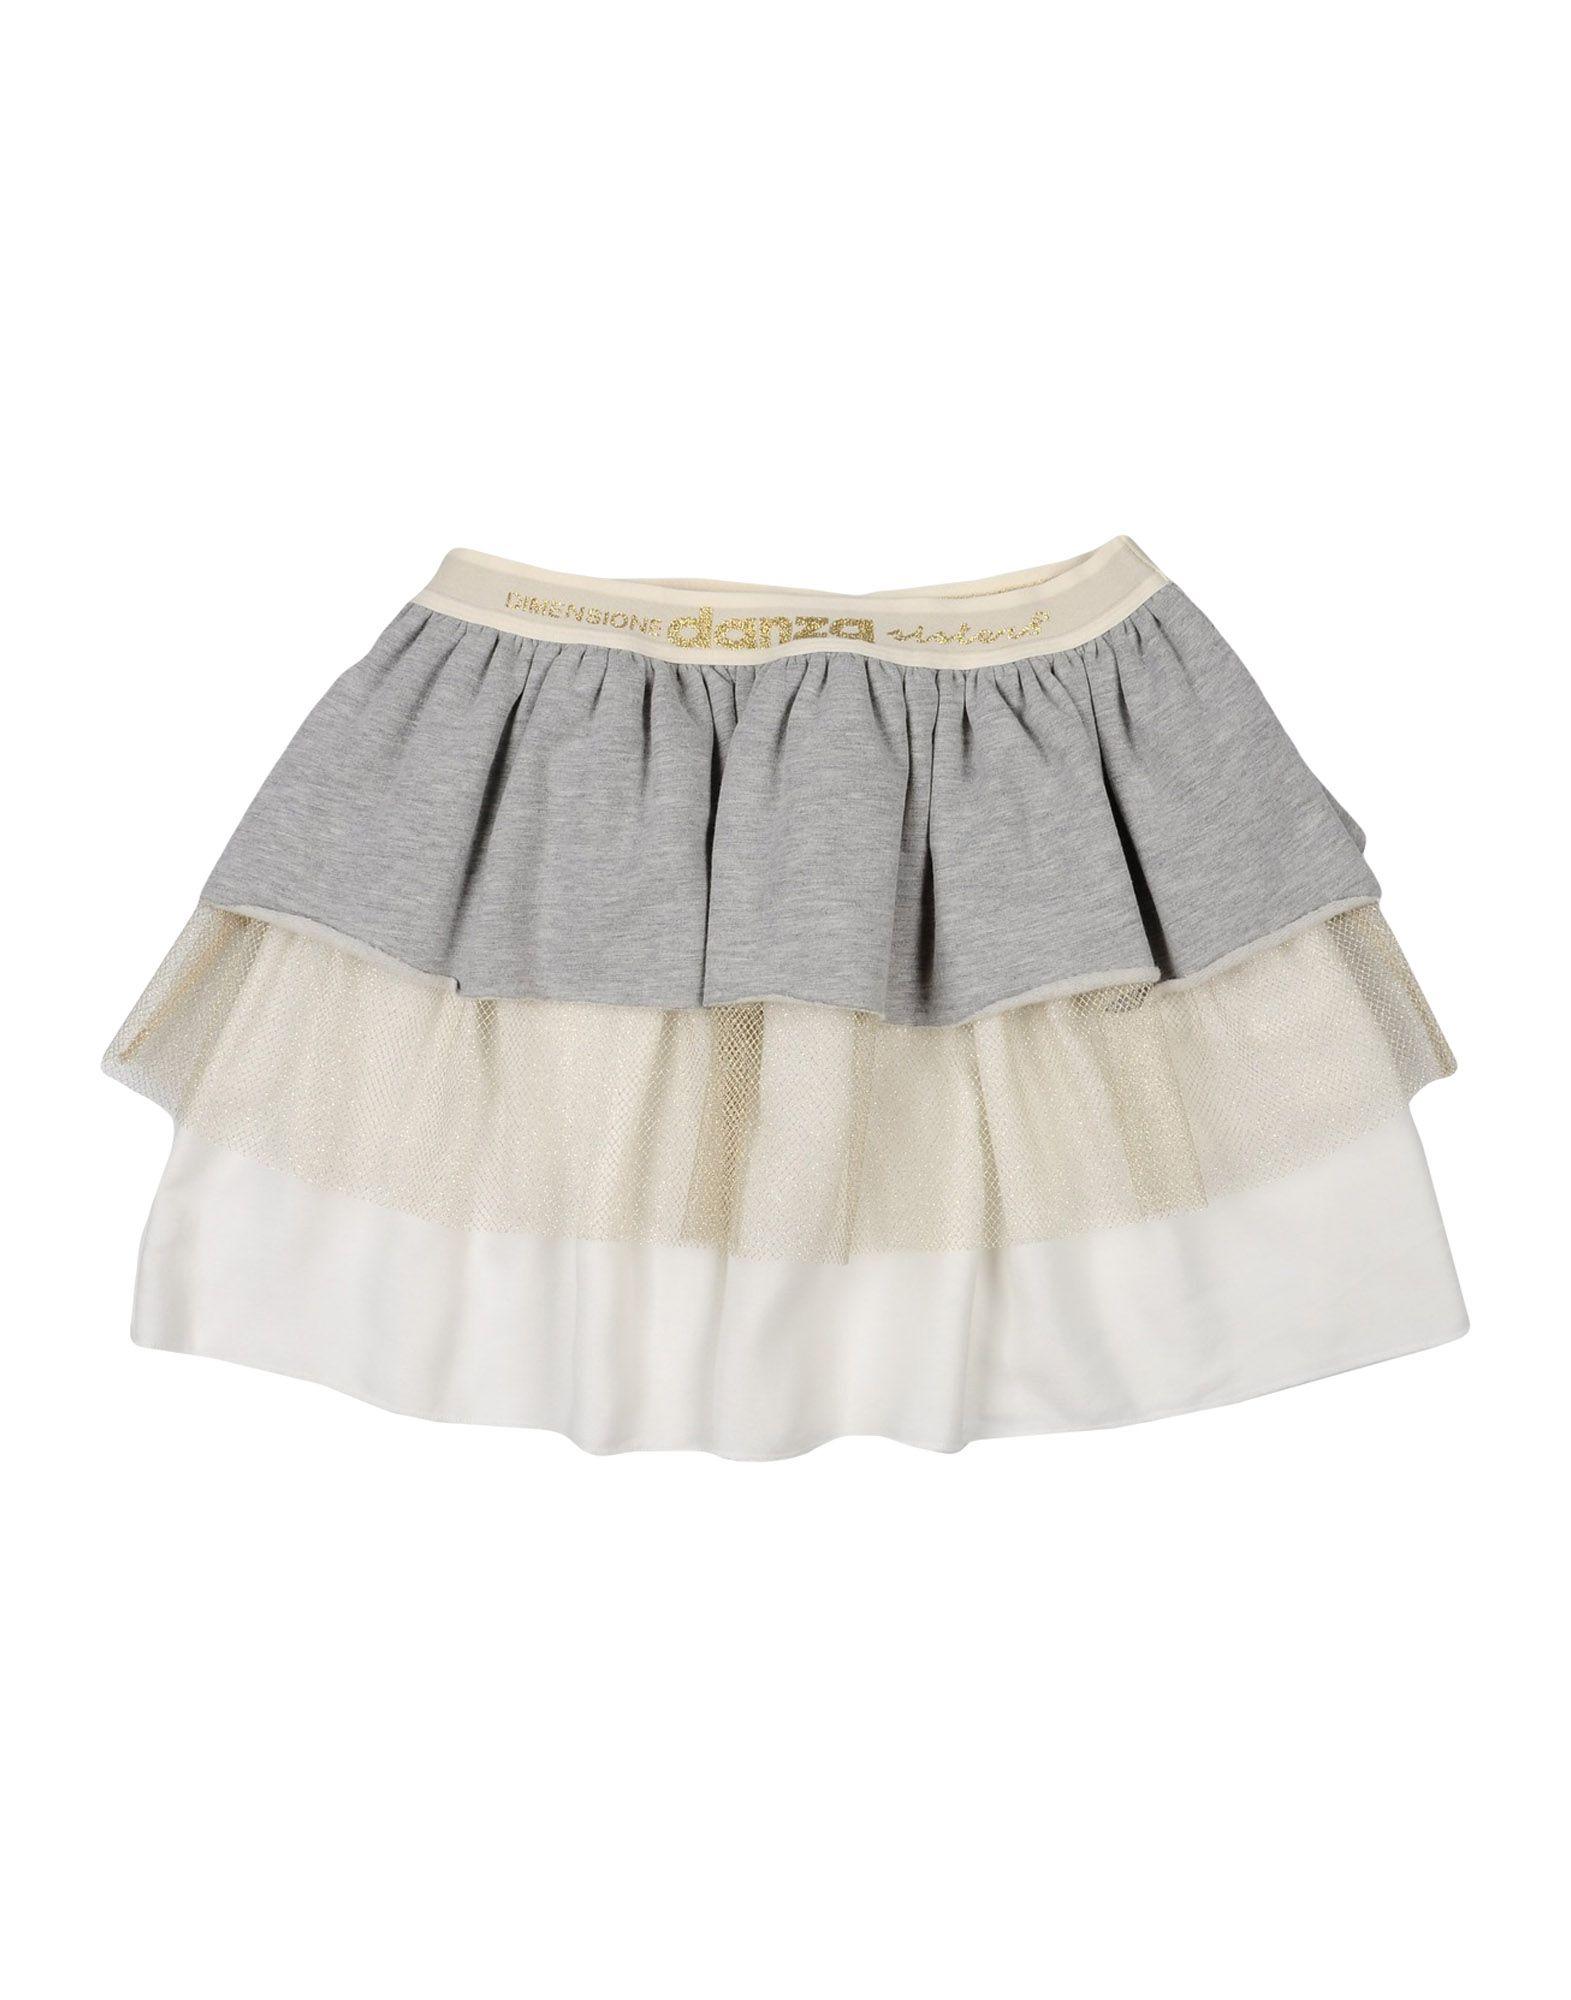 DIMENSIONE DANZA SISTERS Skirts